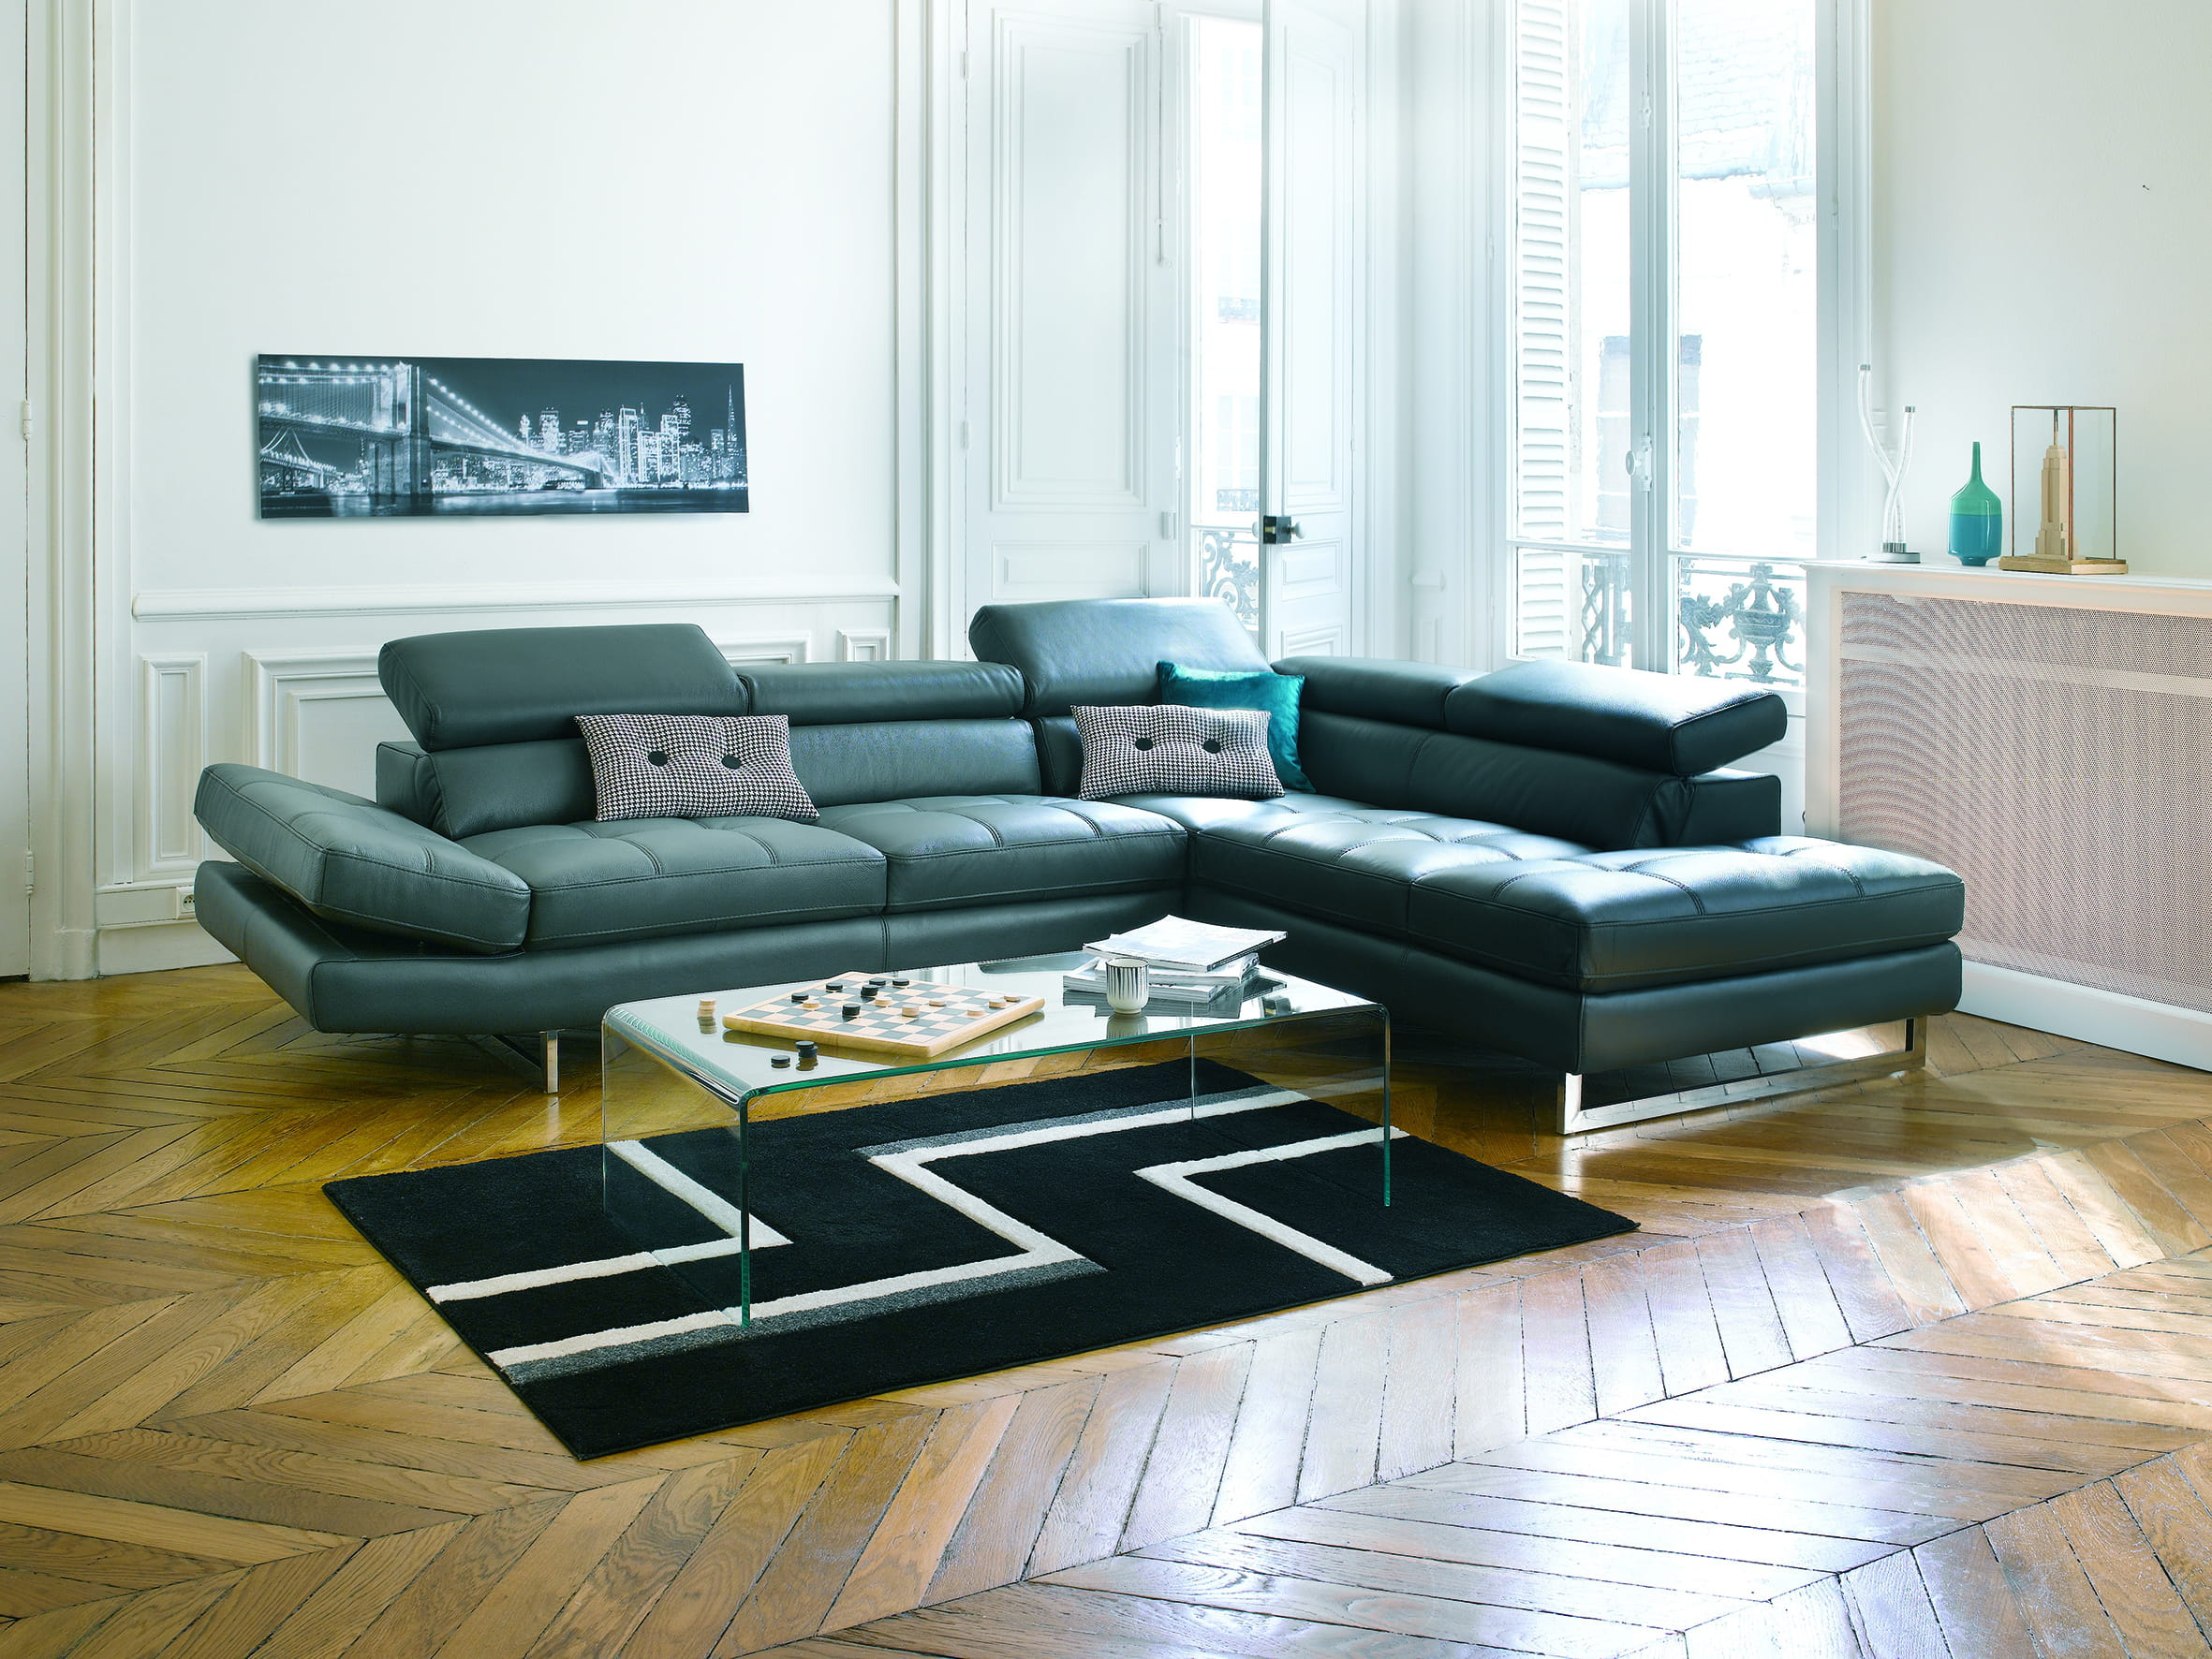 canap en cuir leman de conforama les canap s en cuir. Black Bedroom Furniture Sets. Home Design Ideas